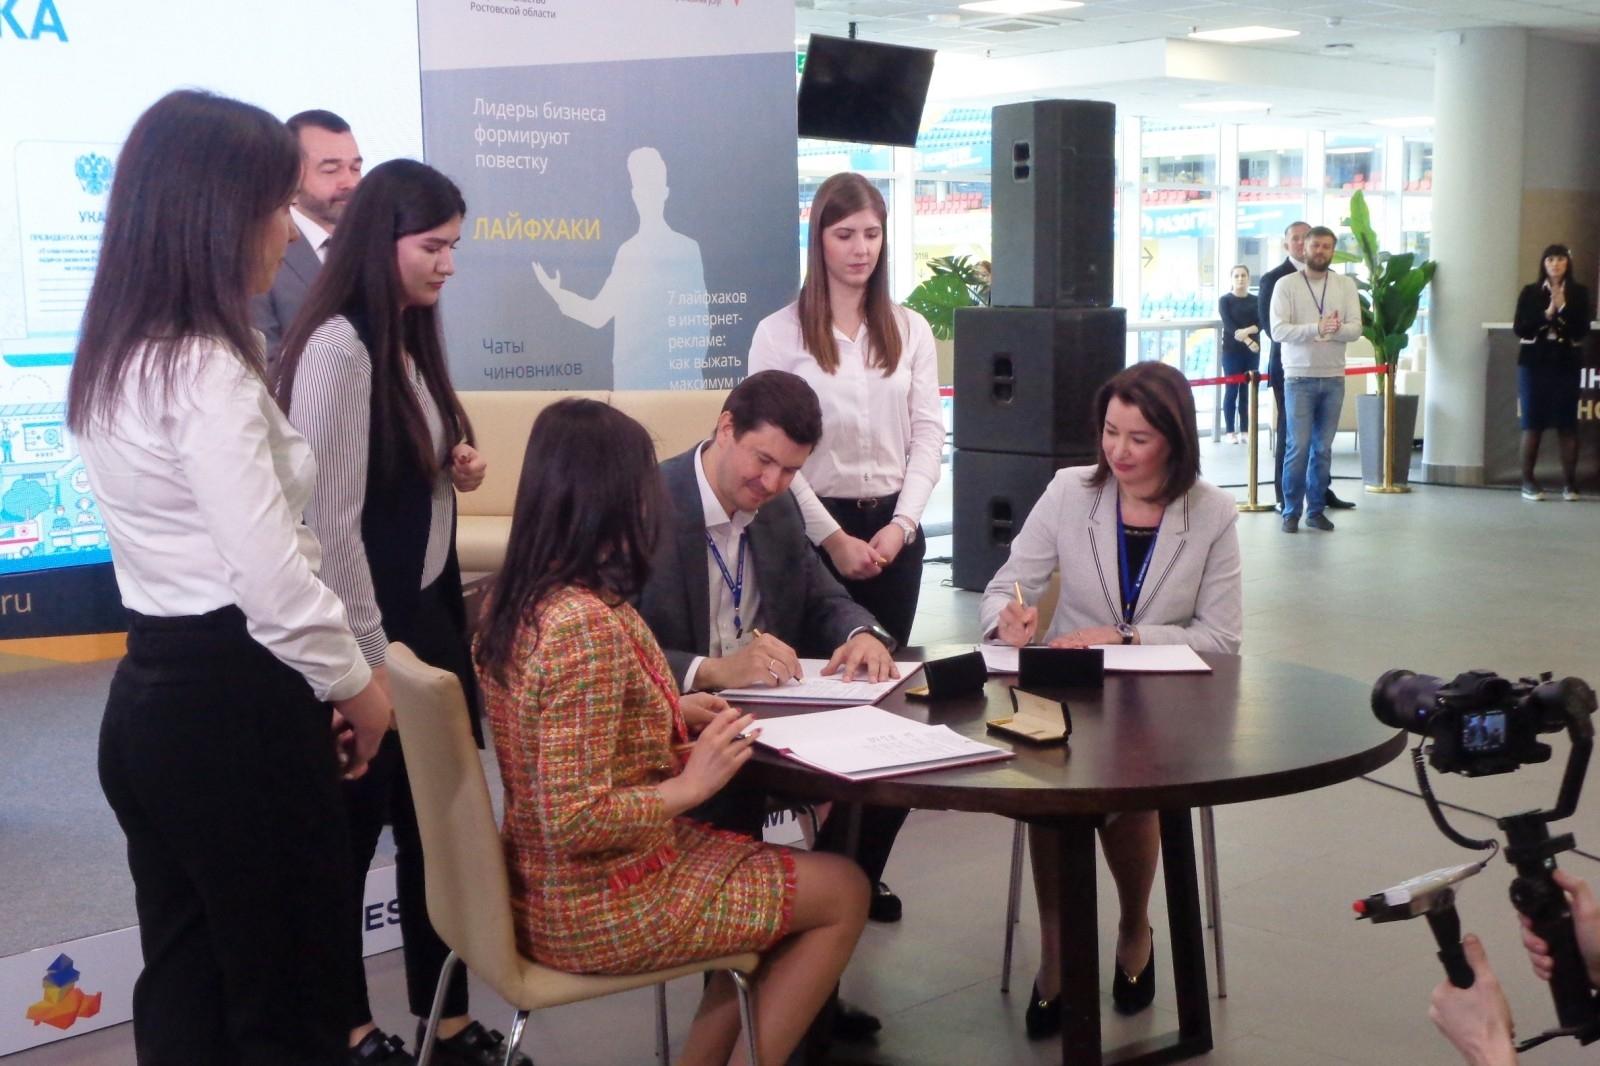 Для выпускников ЮФУ квалификационные работы могут стать одновременно бизнес-стартапом